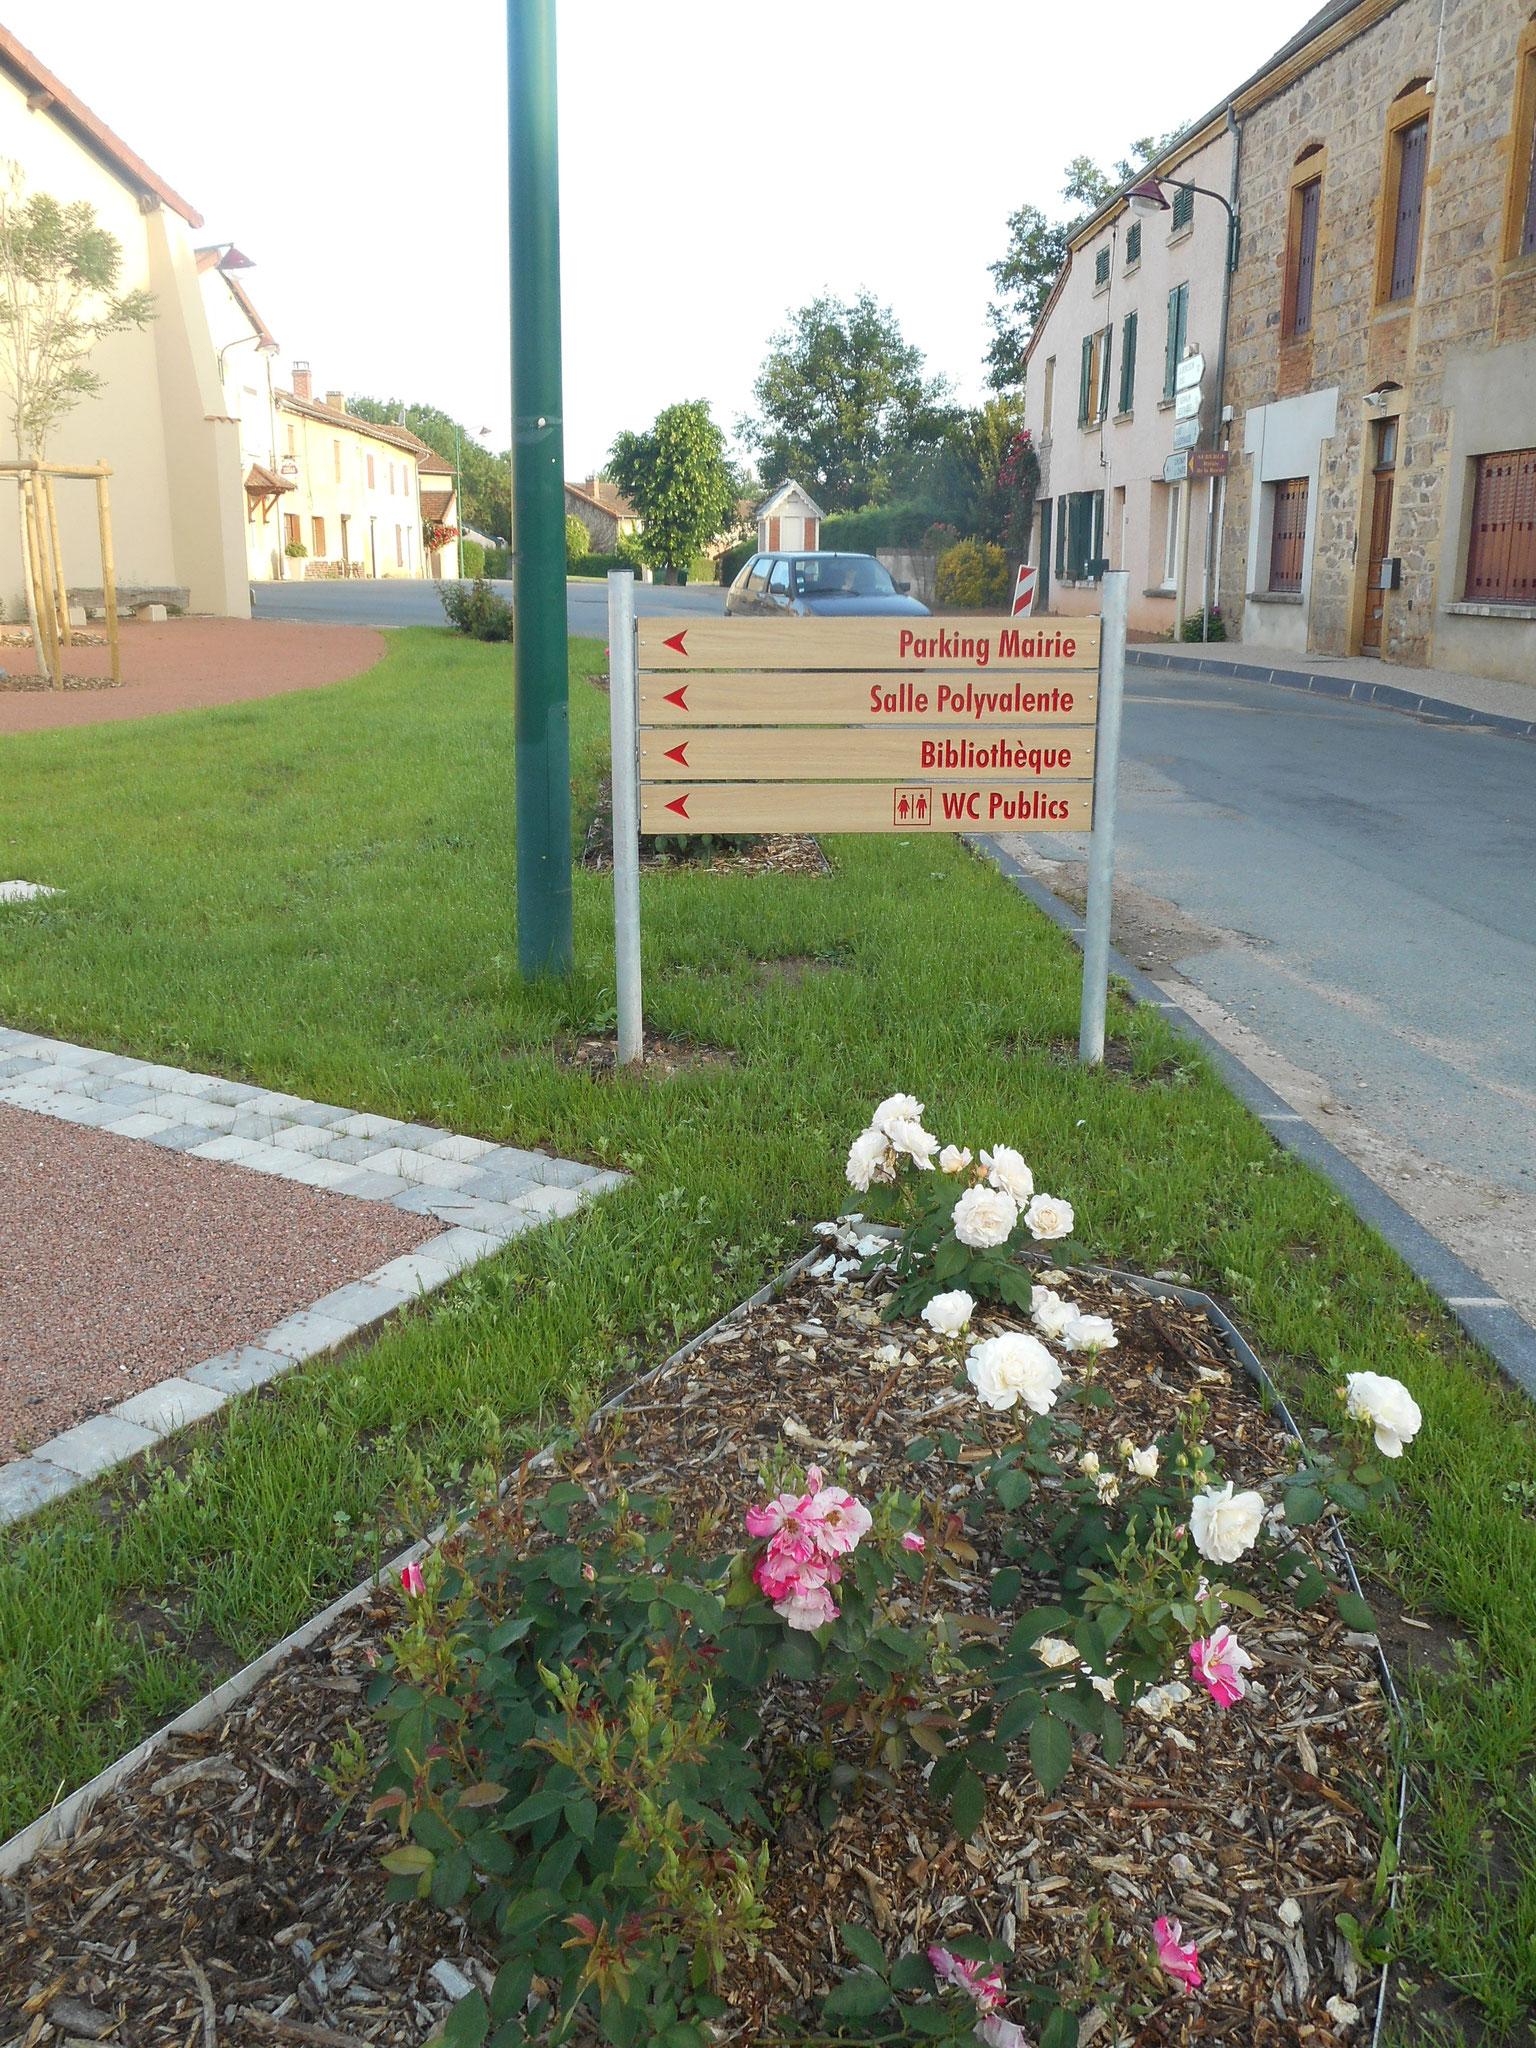 Panneau directionnel discret et intégré au cœur des plantations de rosiers